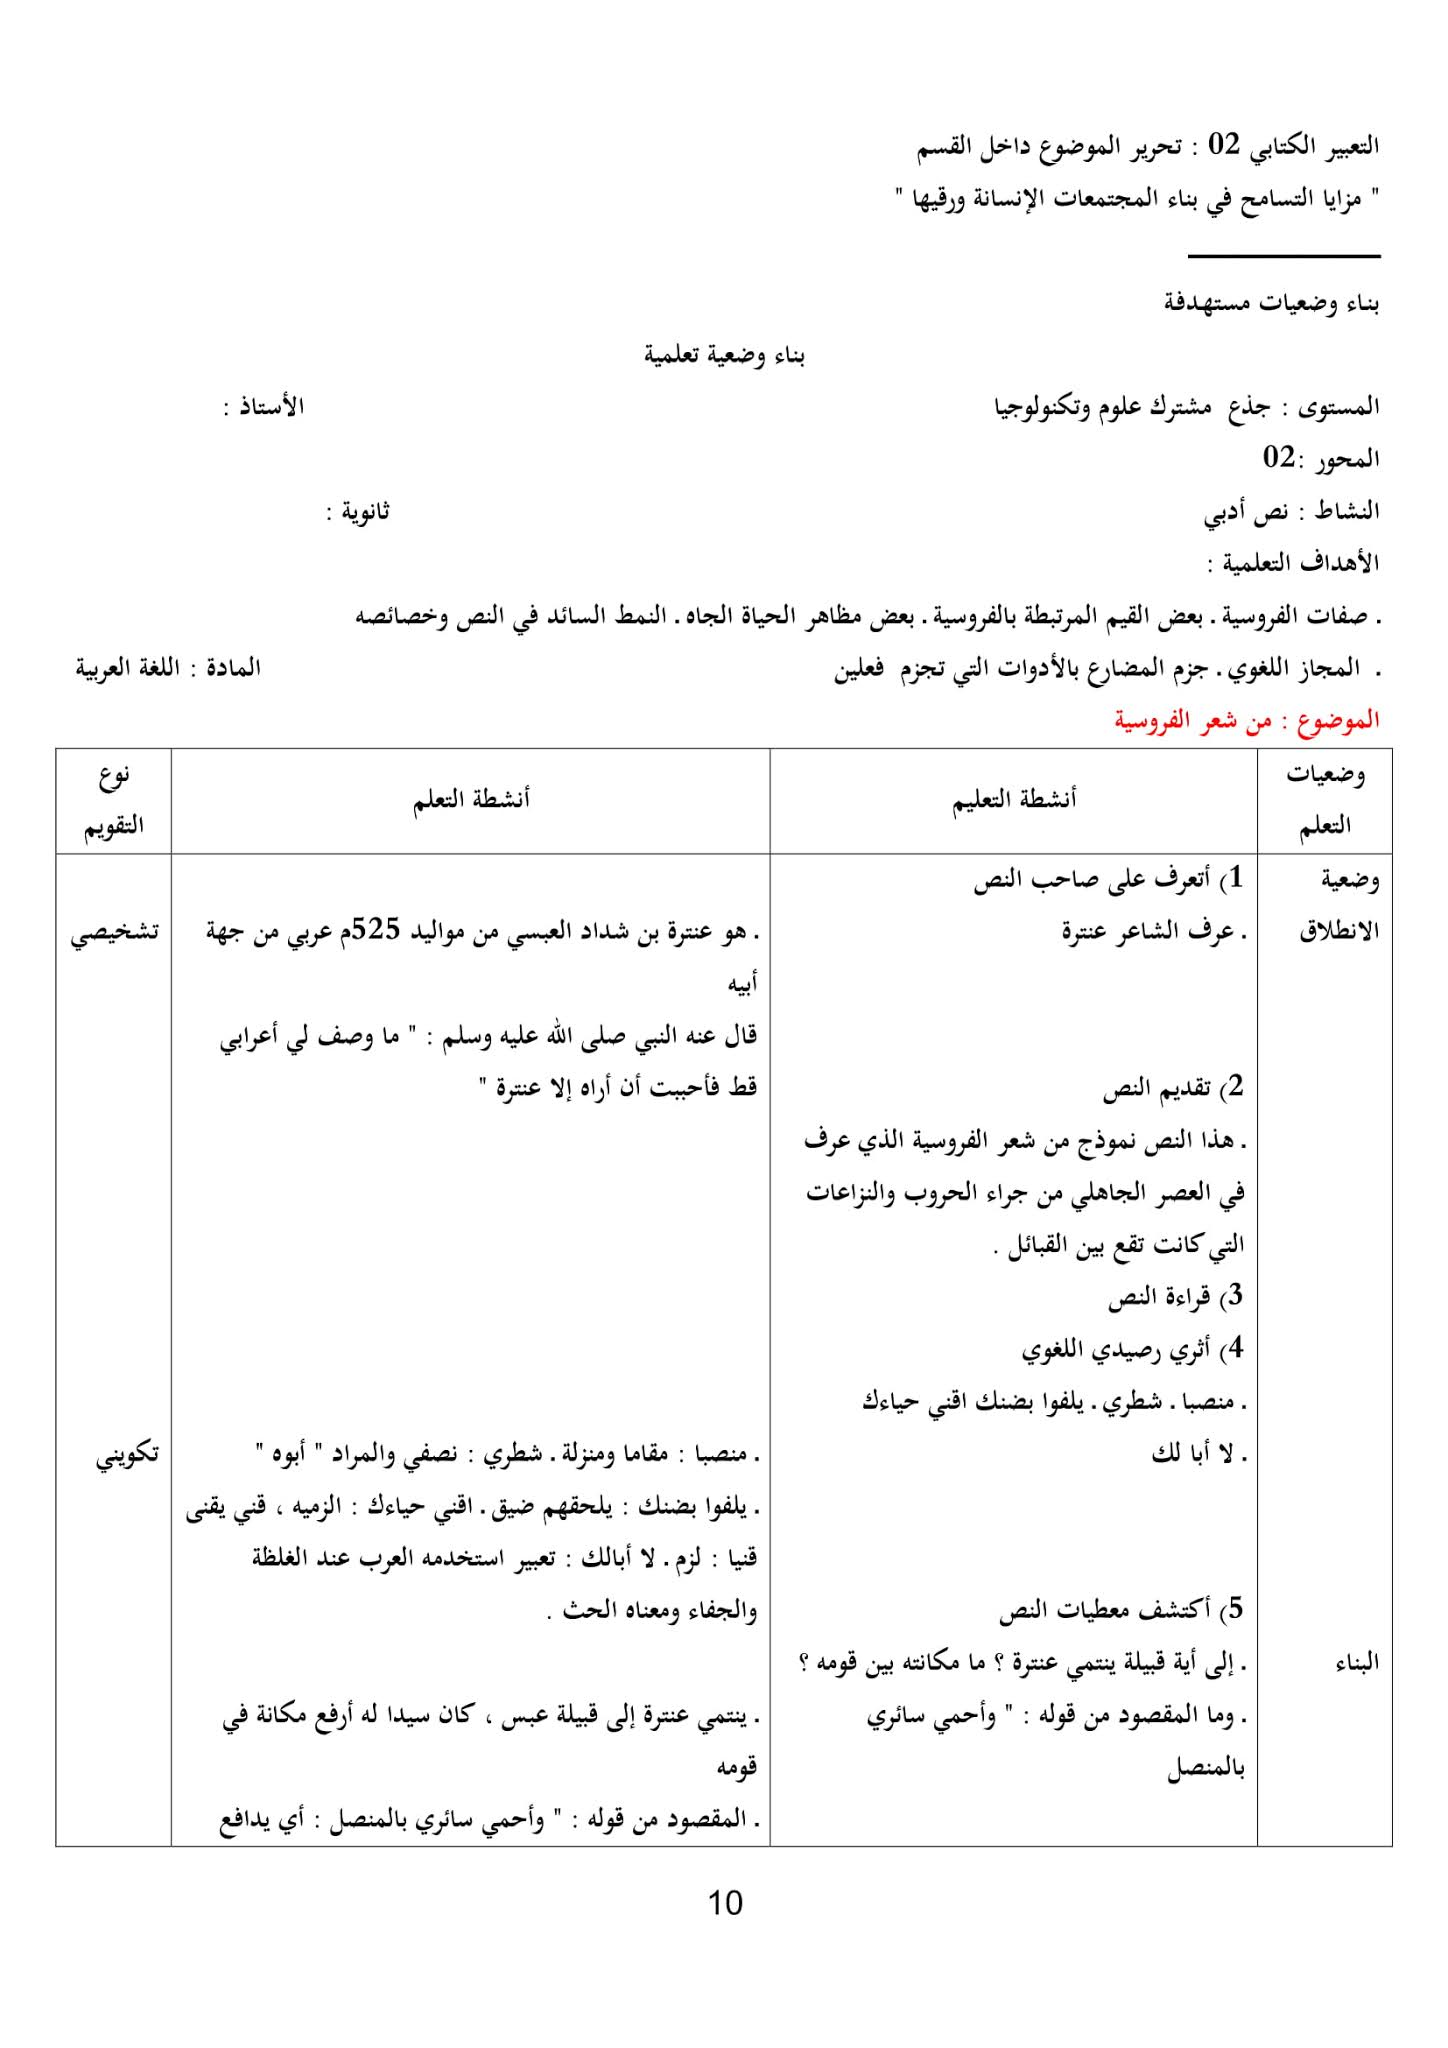 تحضير نص من شعر الفروسية 1 ثانوي علمي   موقع التعليم الجزائري - Dzetude